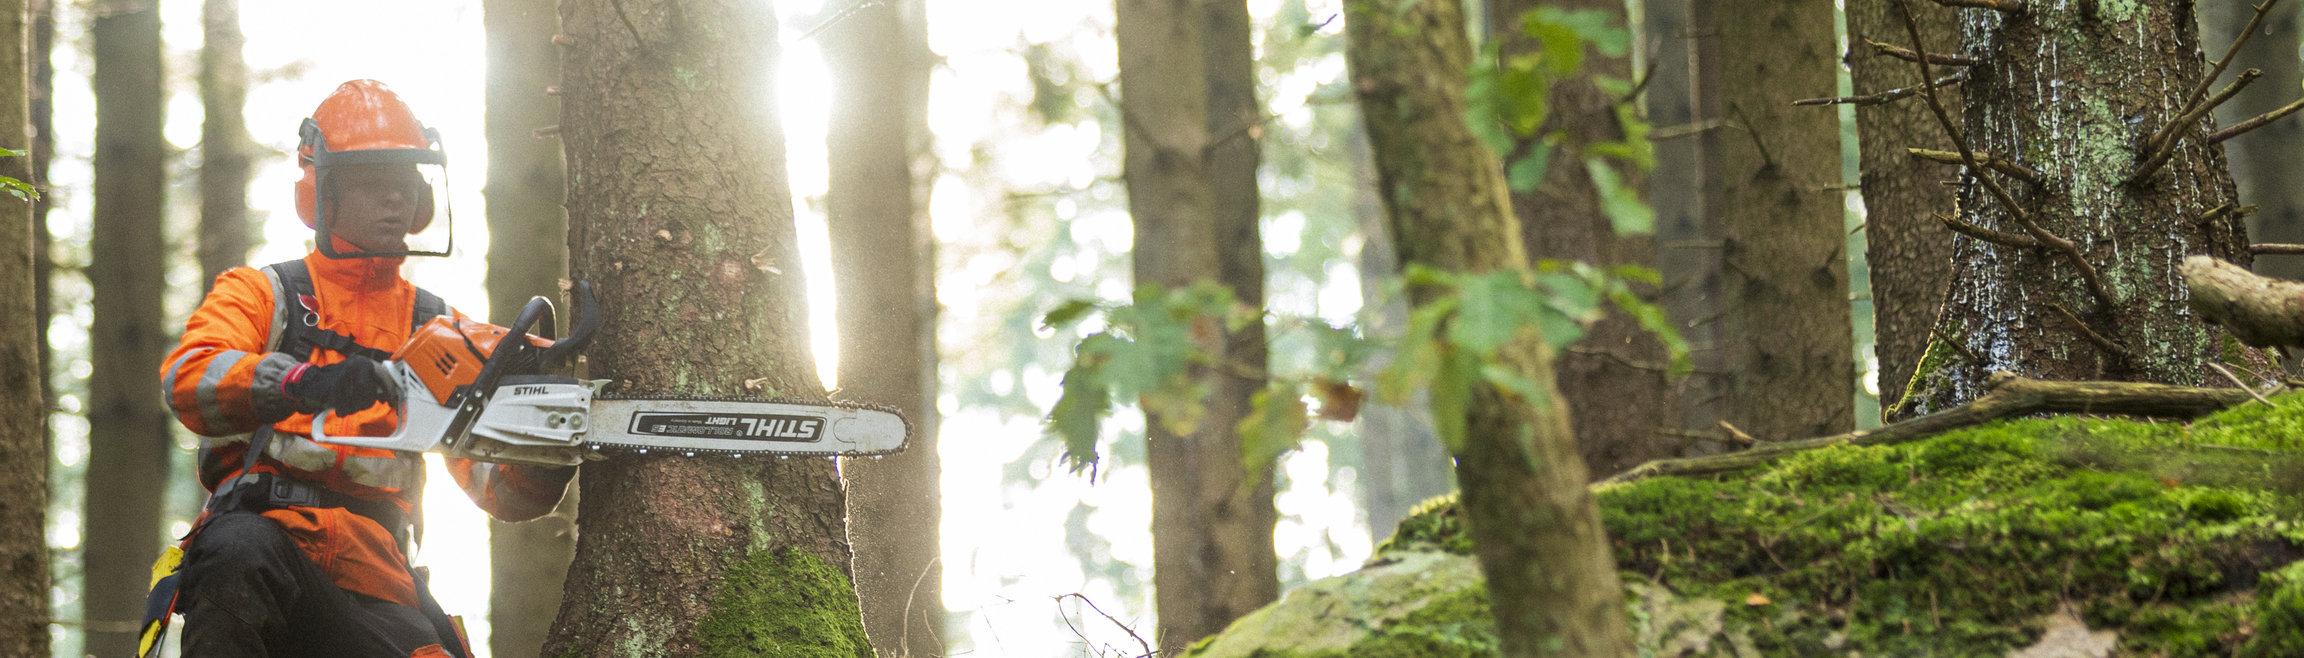 En person med motorsåg i en granskog.